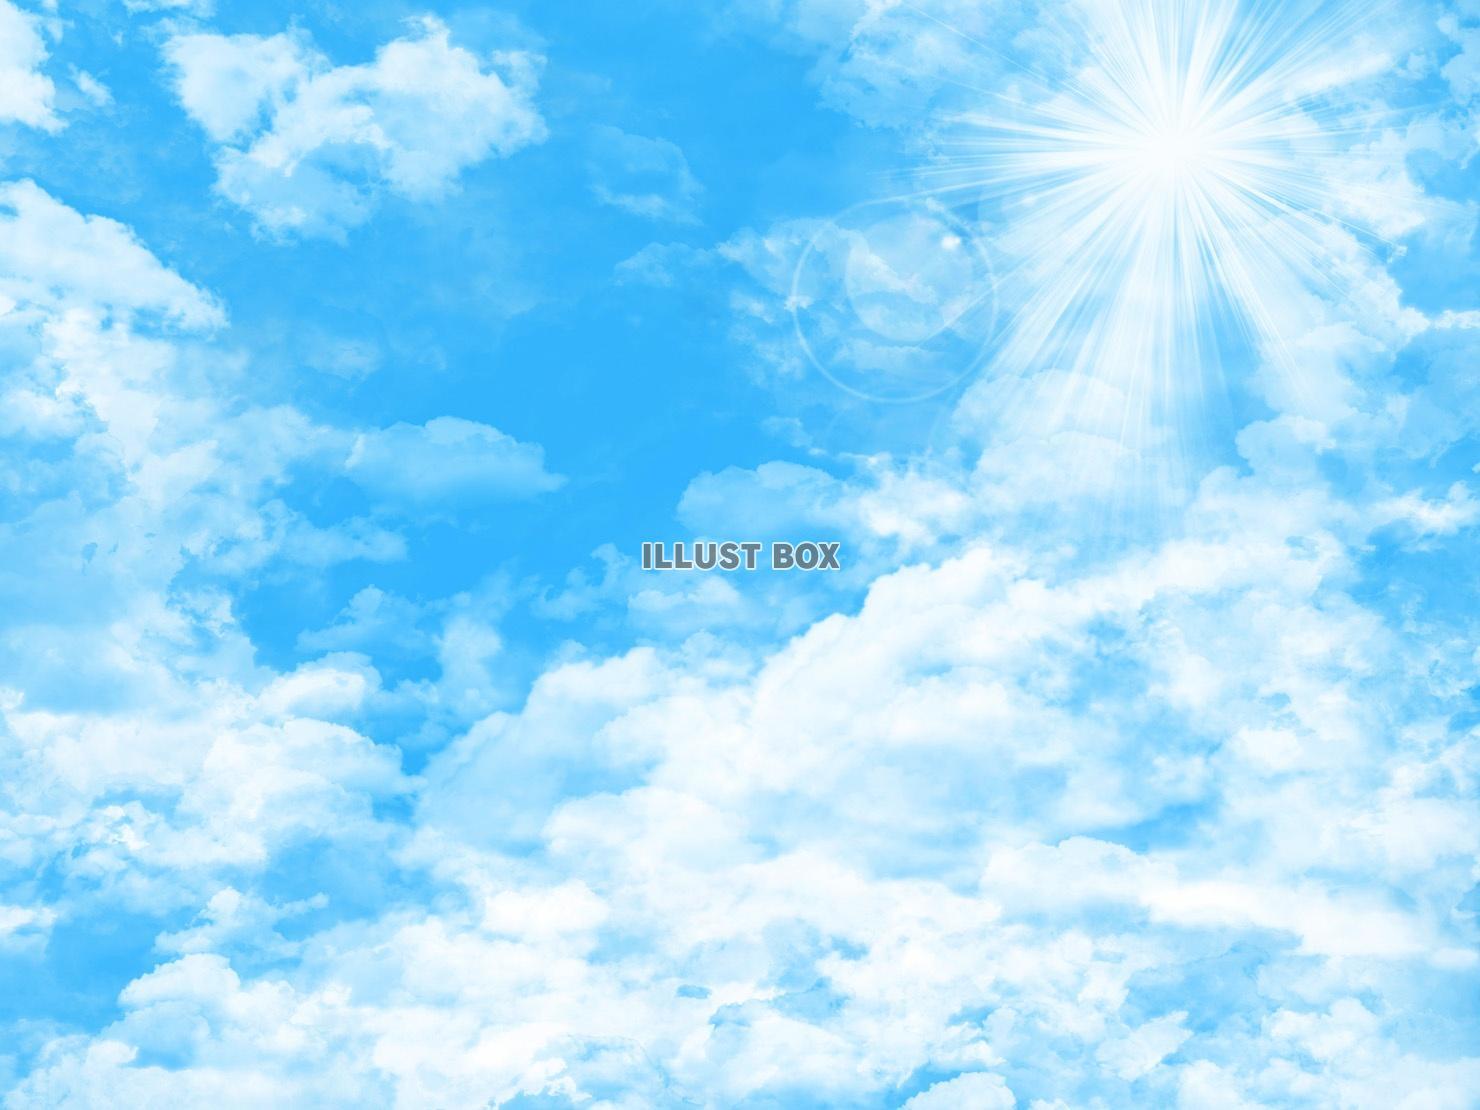 無料イラスト 青空背景素材壁紙素材メッセージスペース日中昼縦寒色